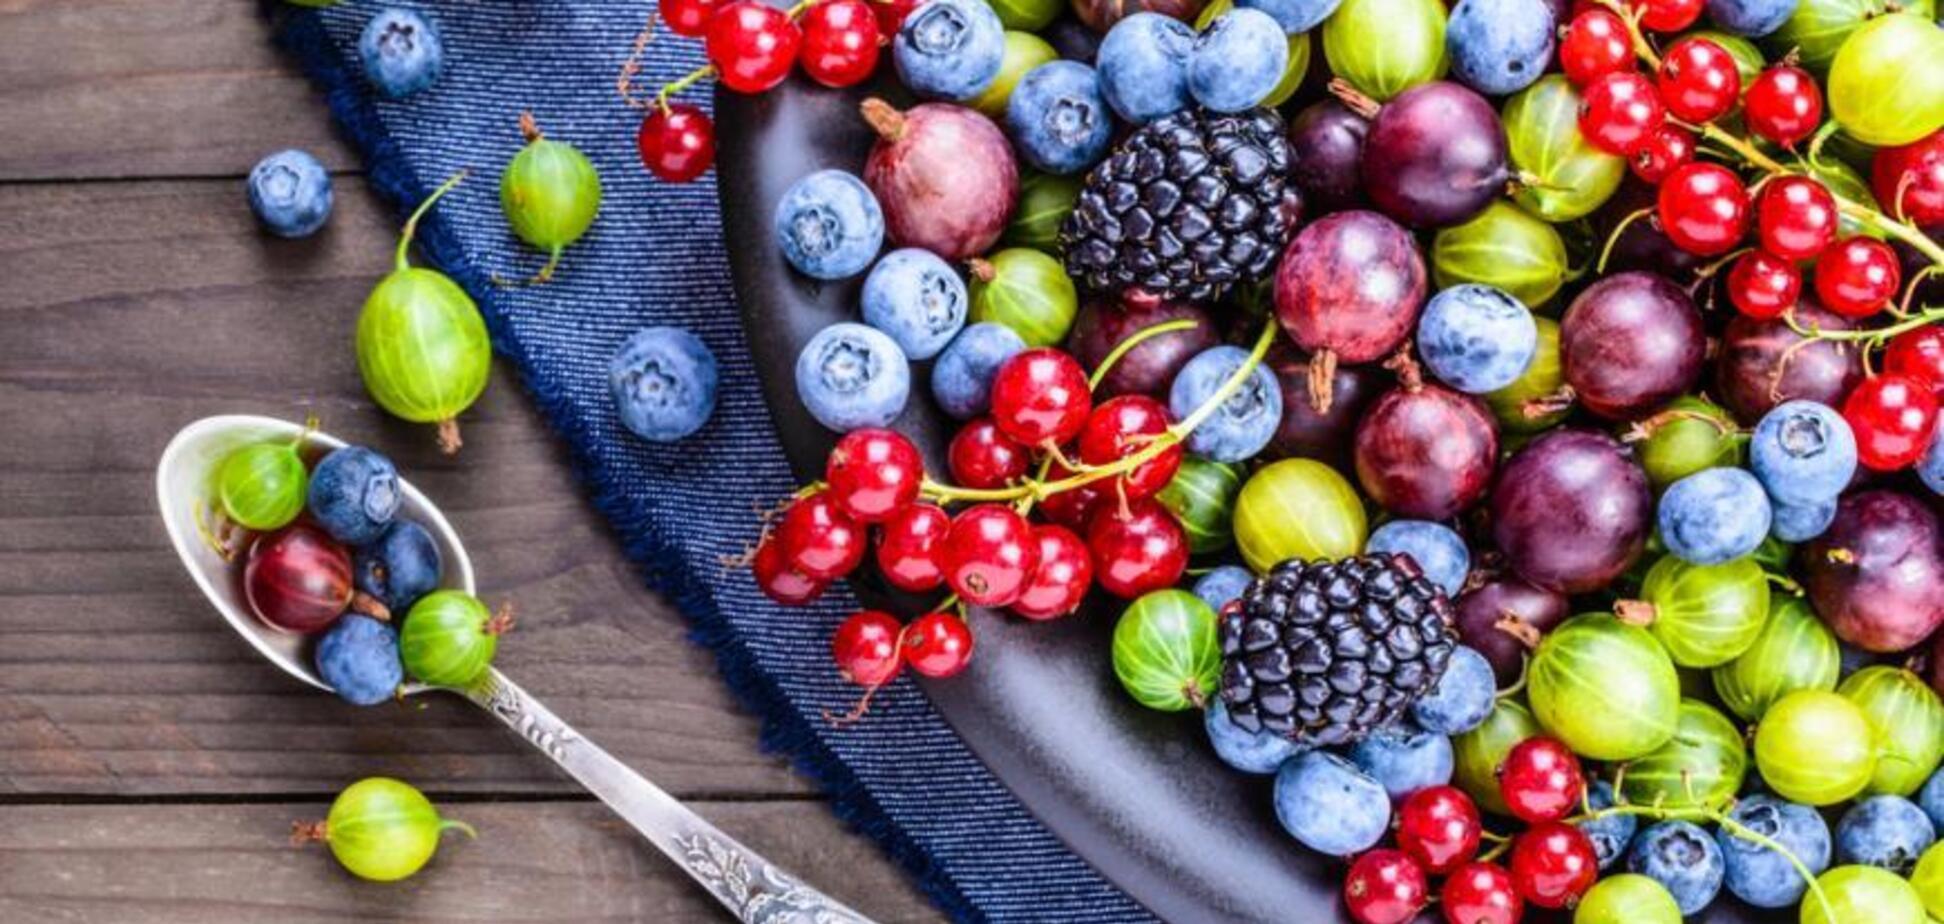 Защитят от рака: назван перечень продуктов